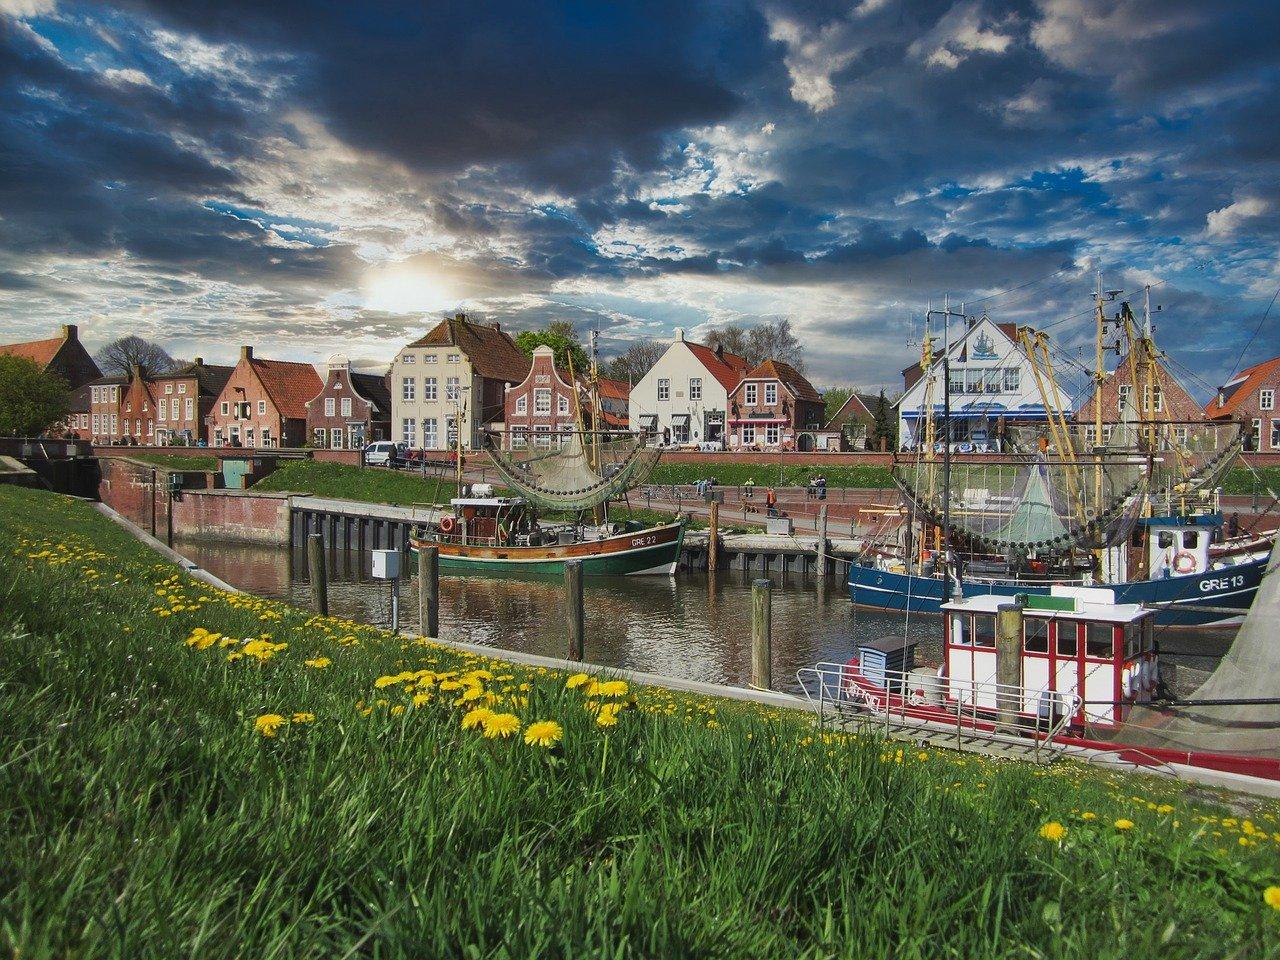 Er op uit in steden van Friesland